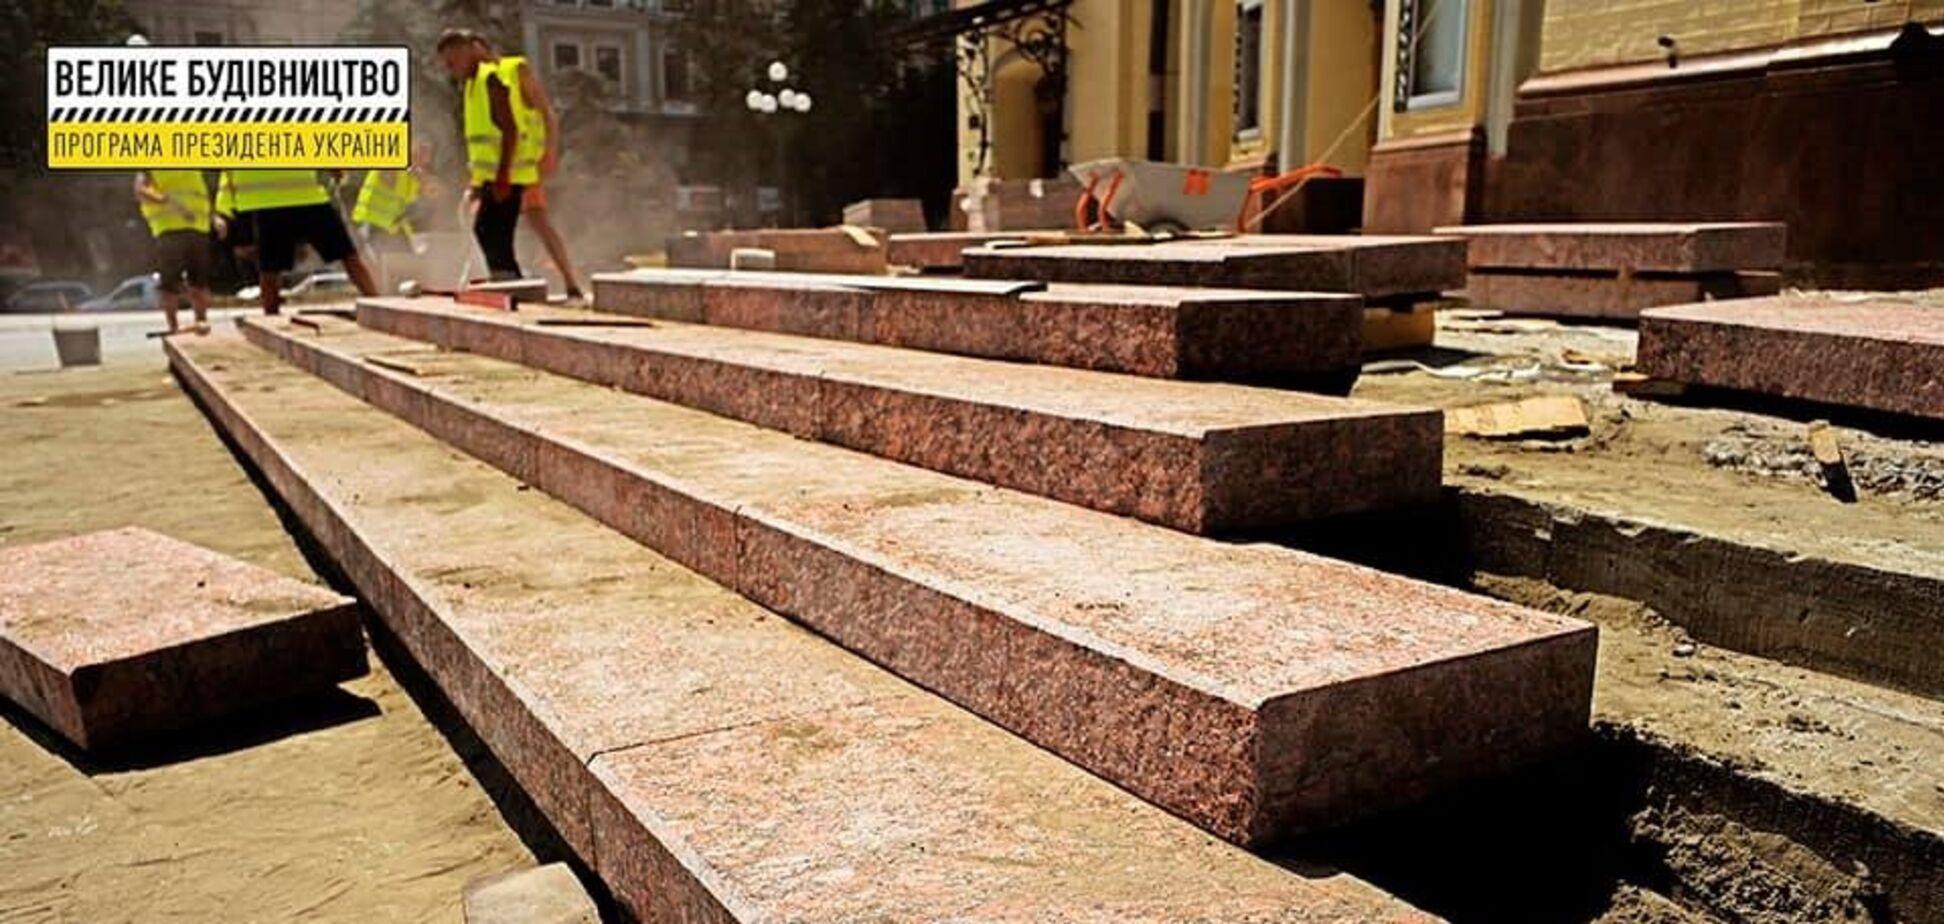 У Києві відремонтують Театральну площу і фасад будівлі Національної опери